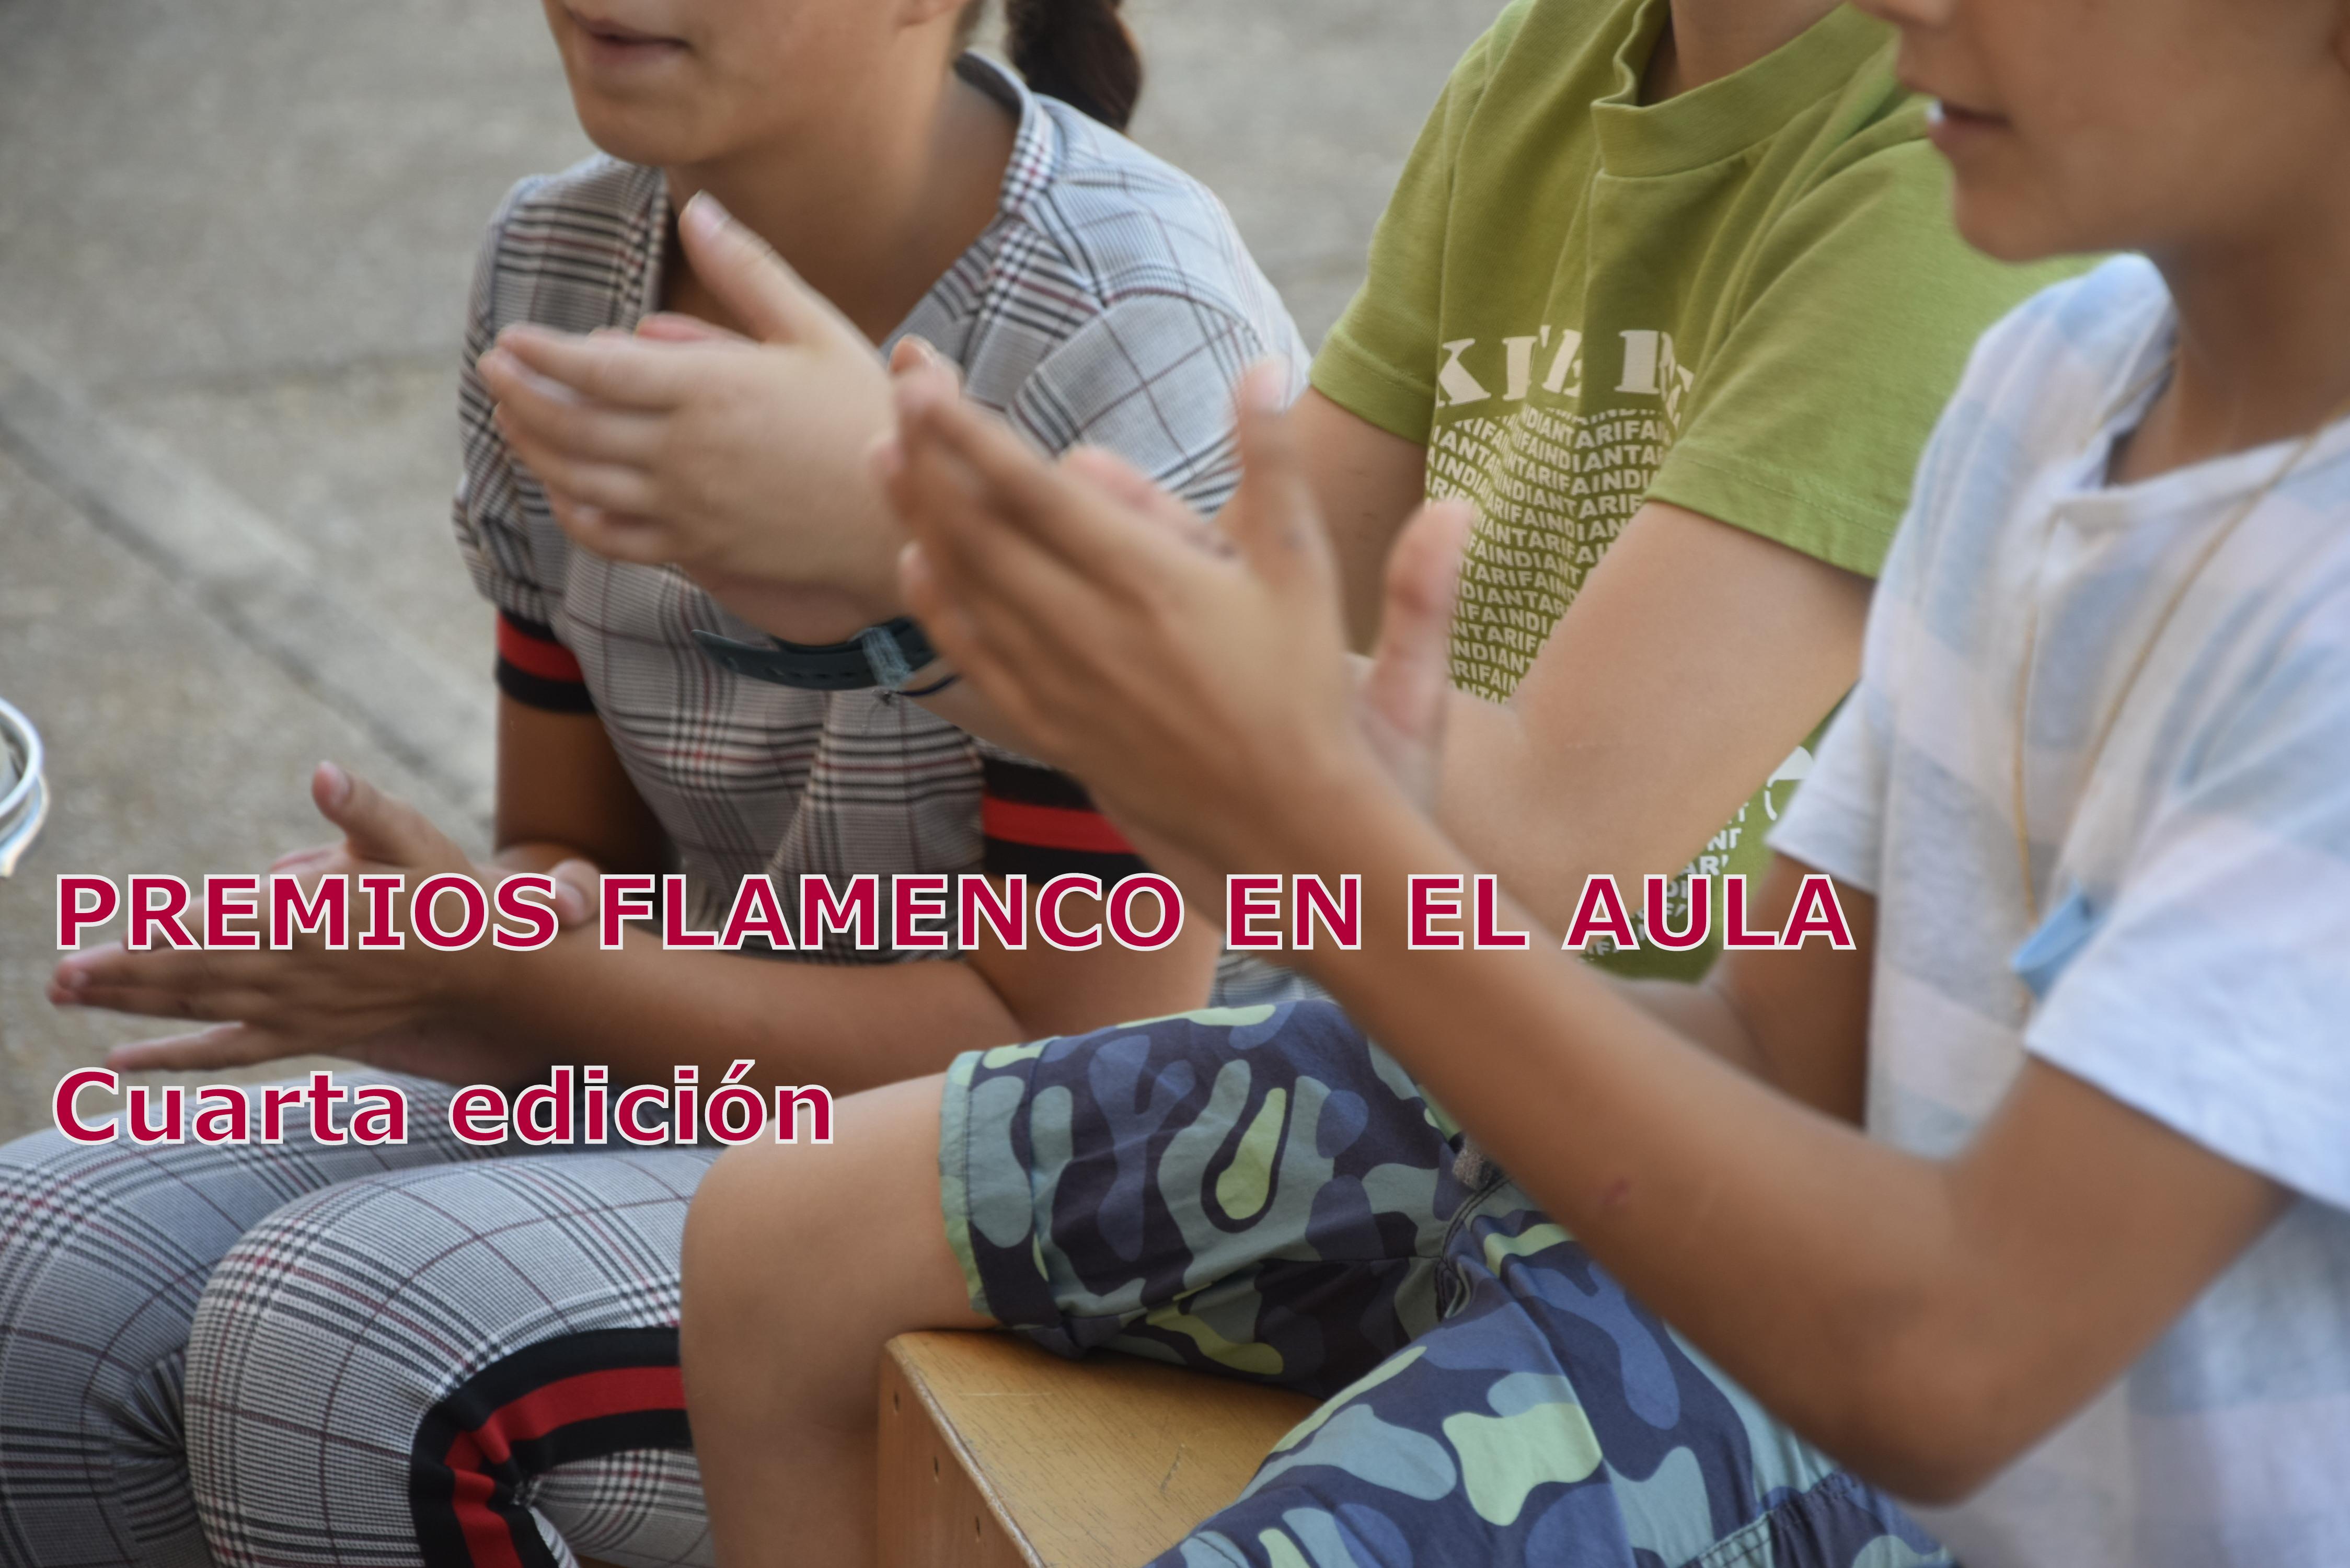 portada flamenco (PRIMER DIA SEP 2018 (120)-001. retocado 2JPG.JPG)